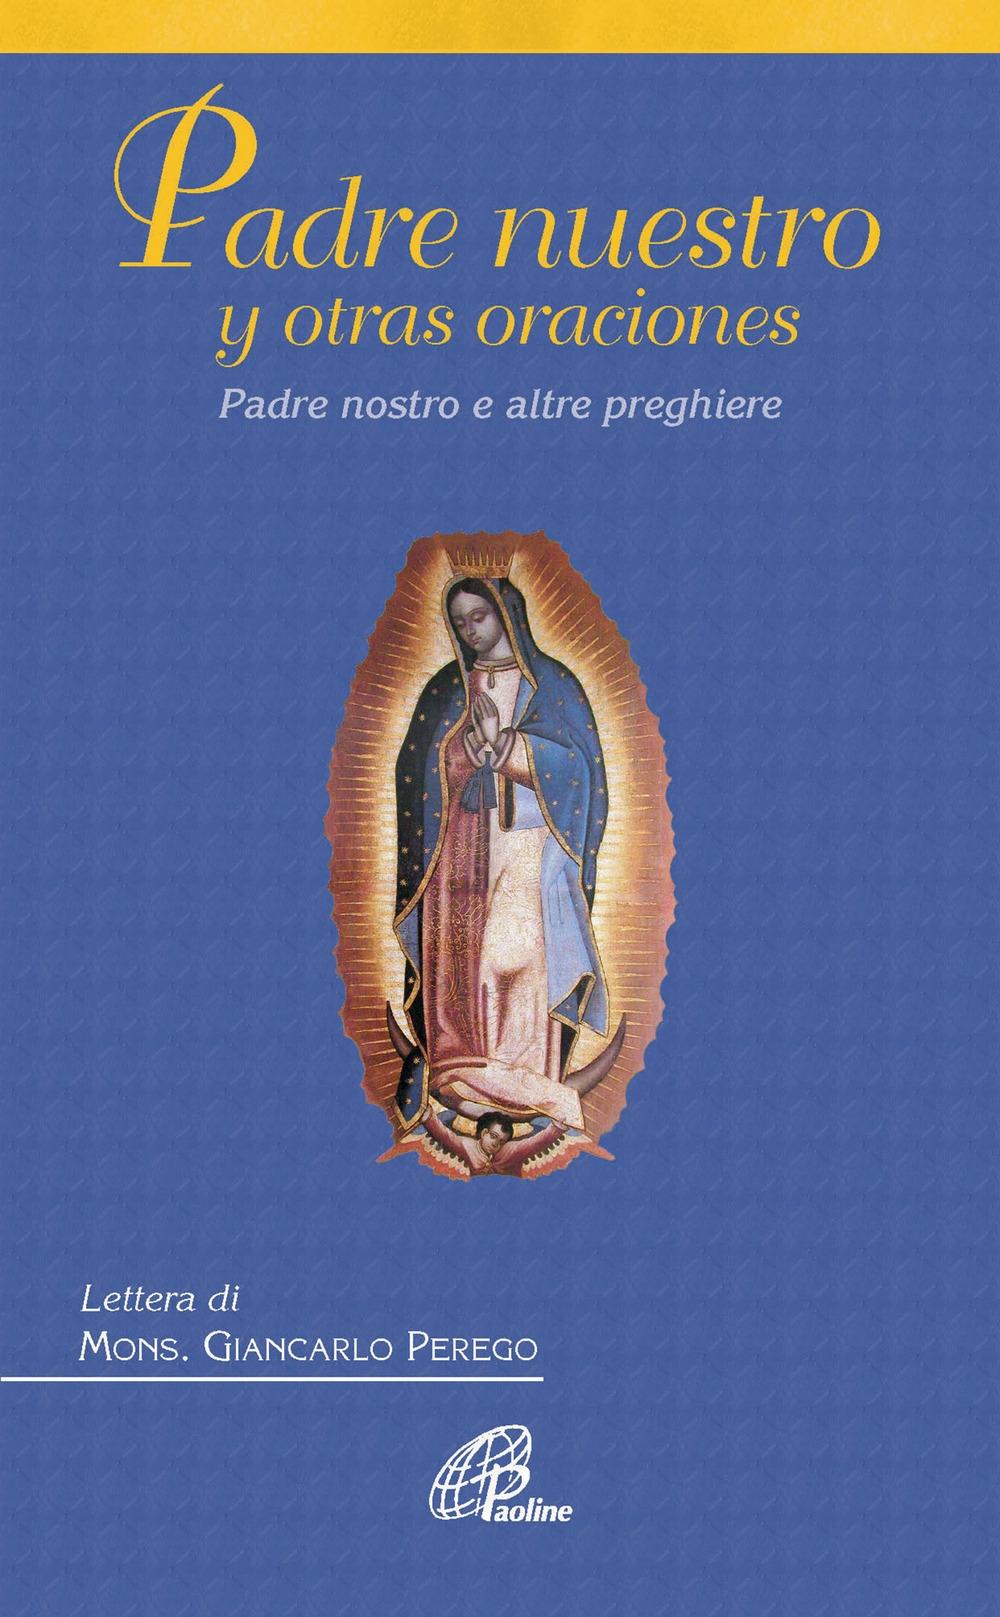 Padre Nuestro y otras oraciones-Padre Nostro e altre preghiere. Ediz. italiana e spgnaola